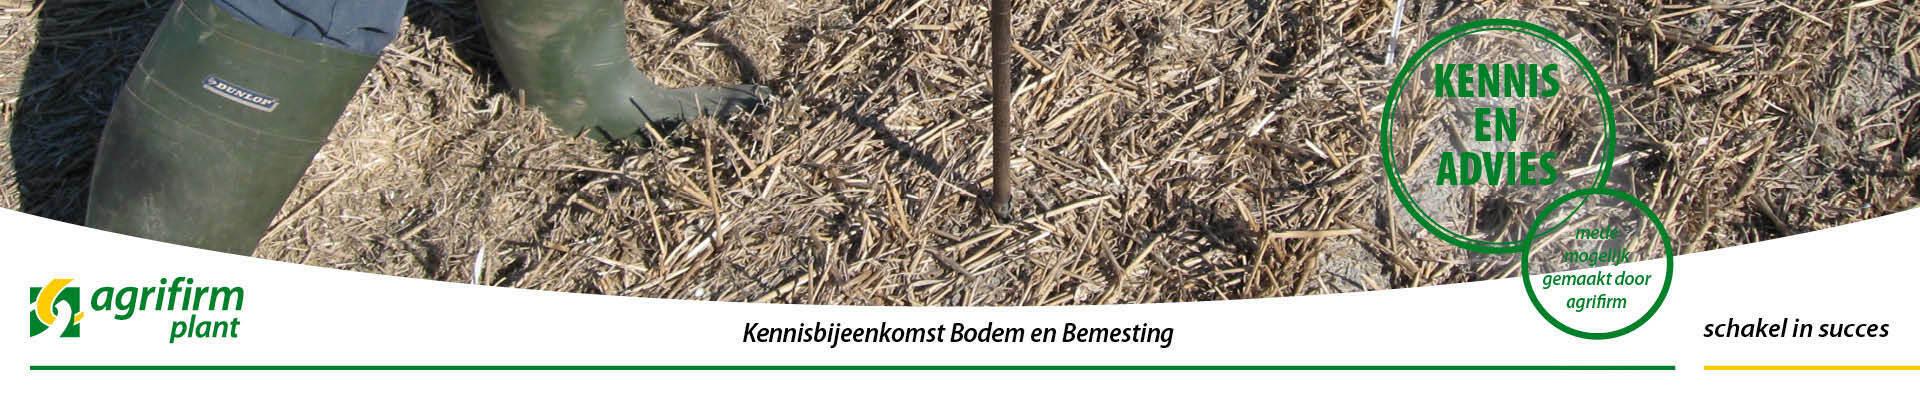 Kennisbijeenkomst Bodem en Bemesting in Dronten en Lelystad